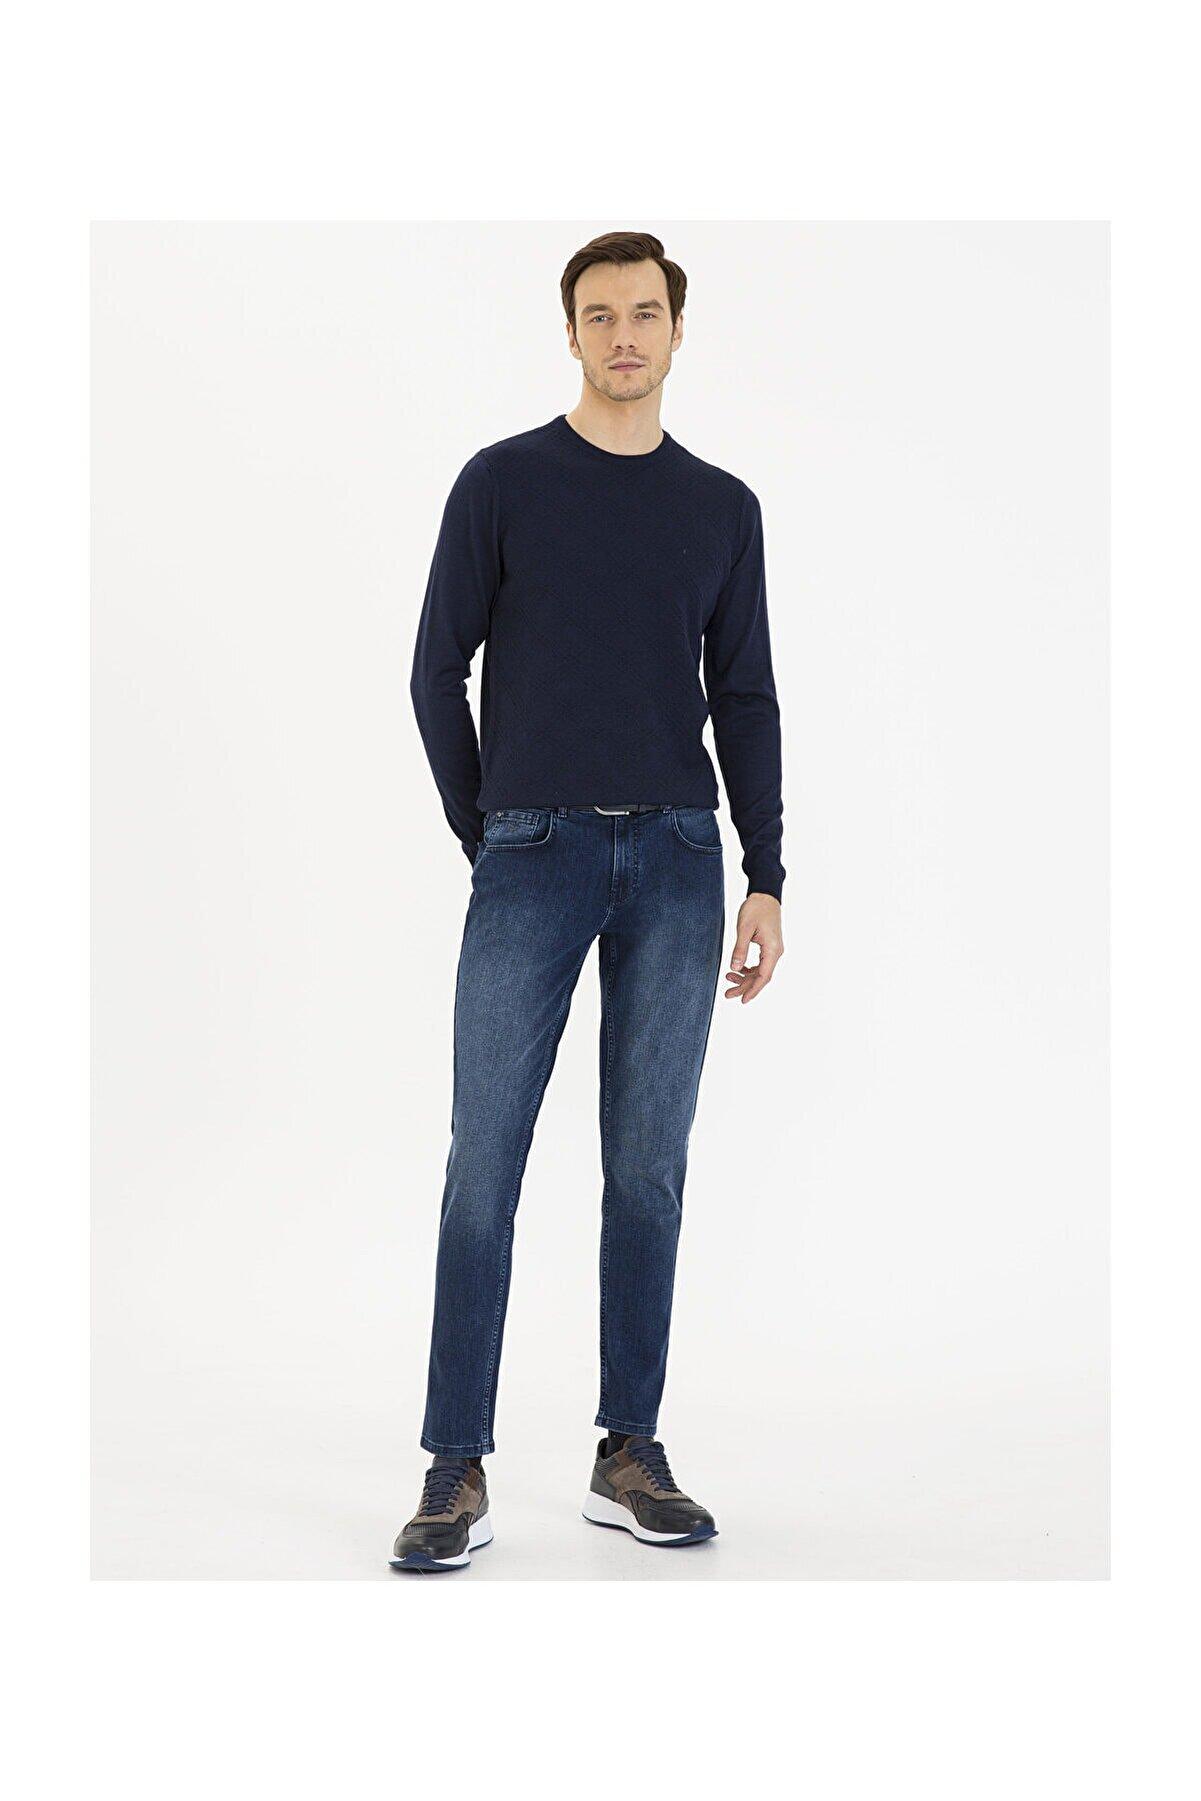 Cacharel Erkek Jeans G051SZ080.000.1216669